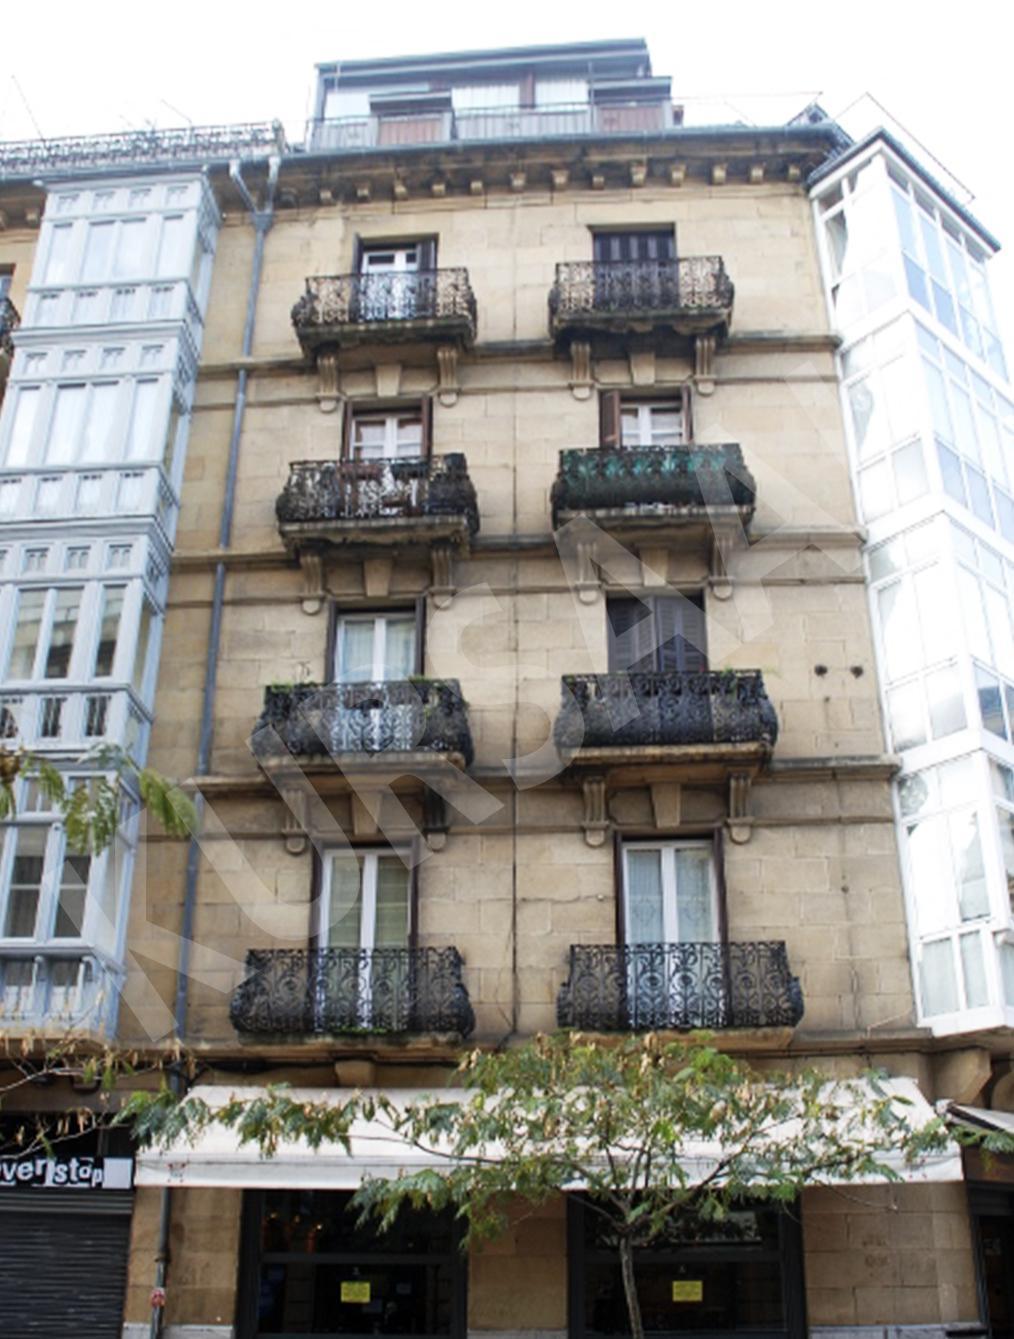 foto 5 - Restauración y patrimonio-Sánchez Toca 7-DONOSTIA, GIPUZKOA